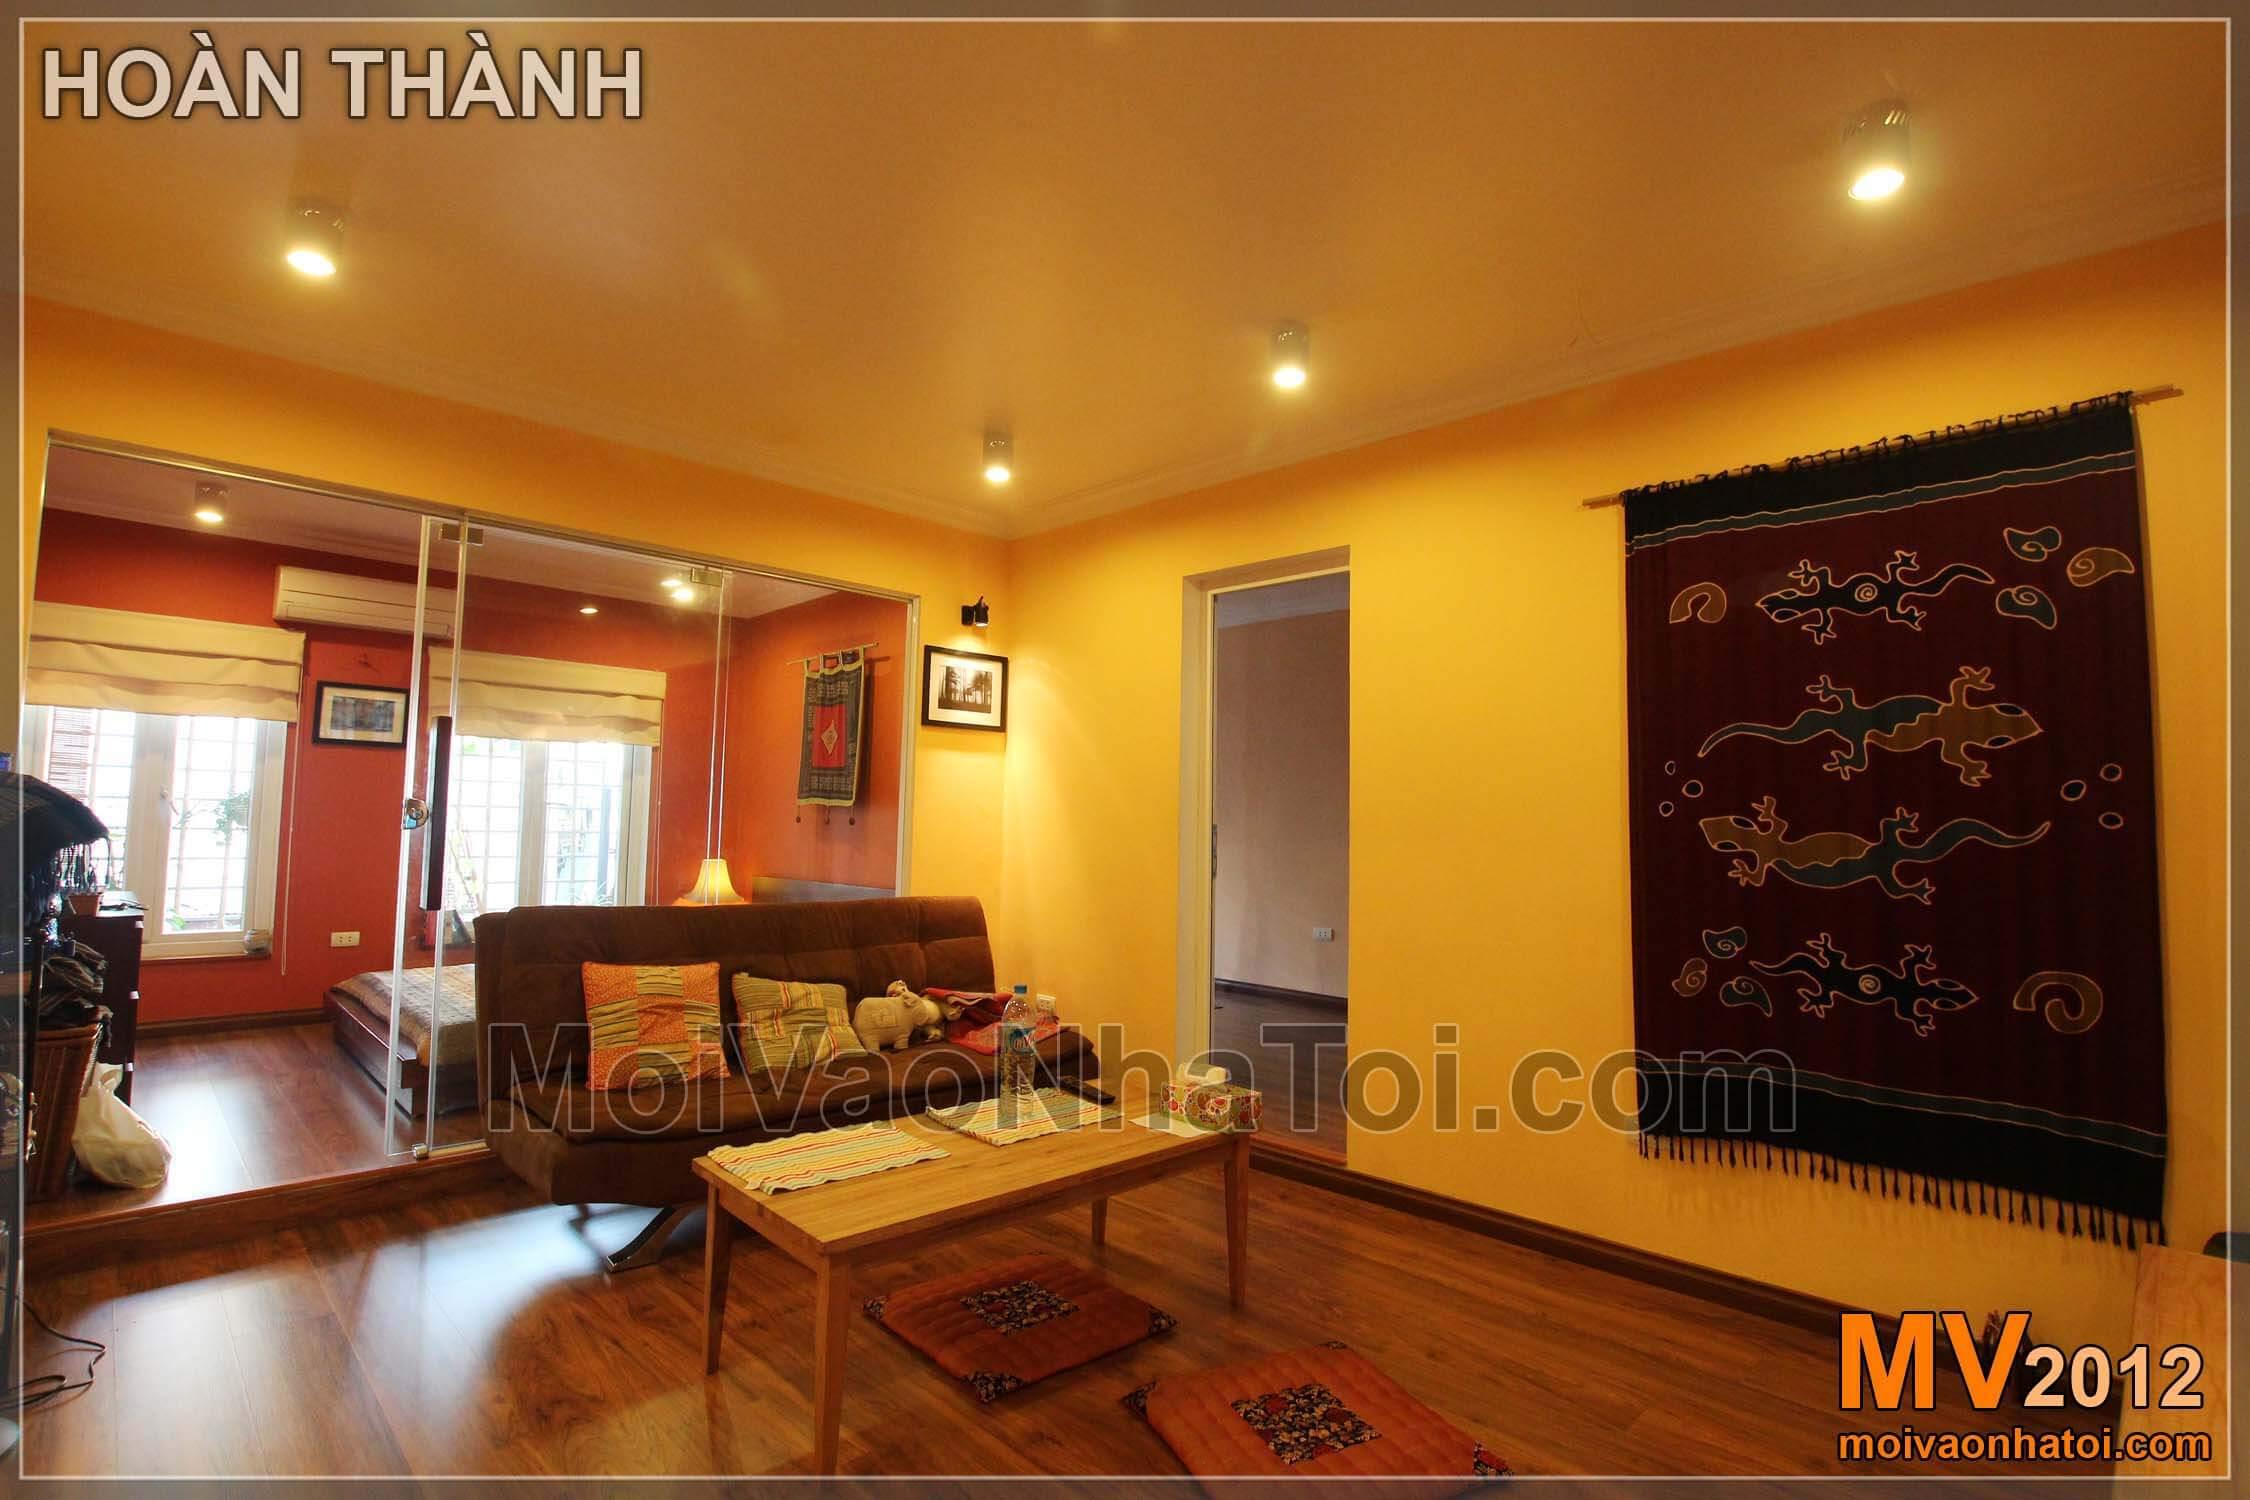 Khi hoàn thành - Nội thất nhà tập thể phòng khách rực rỡ sắc màu